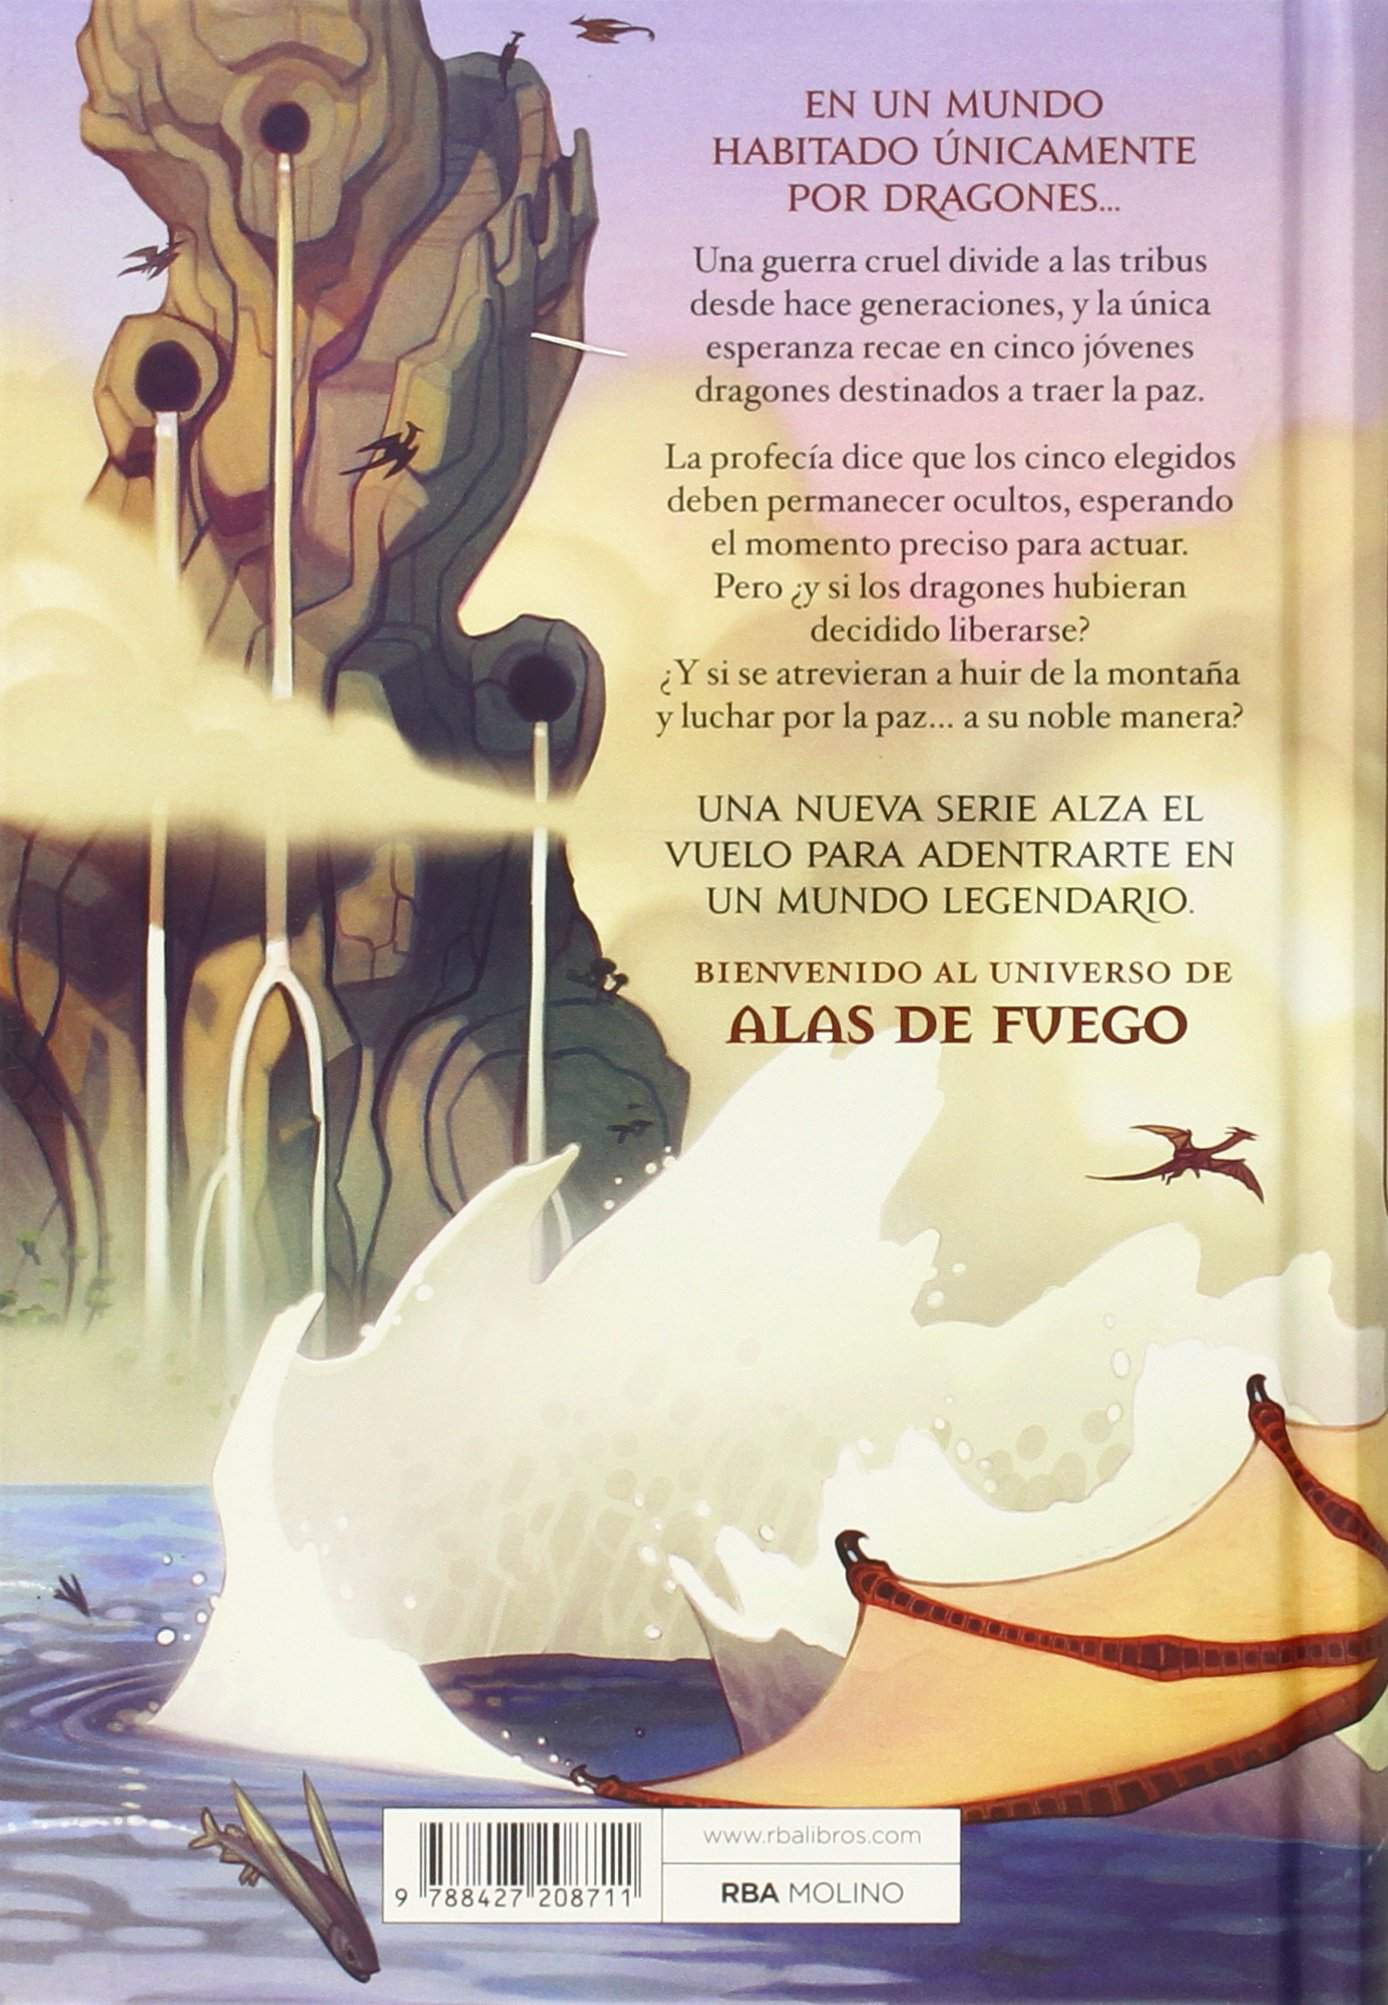 La profecía. (FICCIÓN KIDS): Amazon.es: TUI T. SUTHERLAND, LAURA ESPINOSA FUERTES: Libros